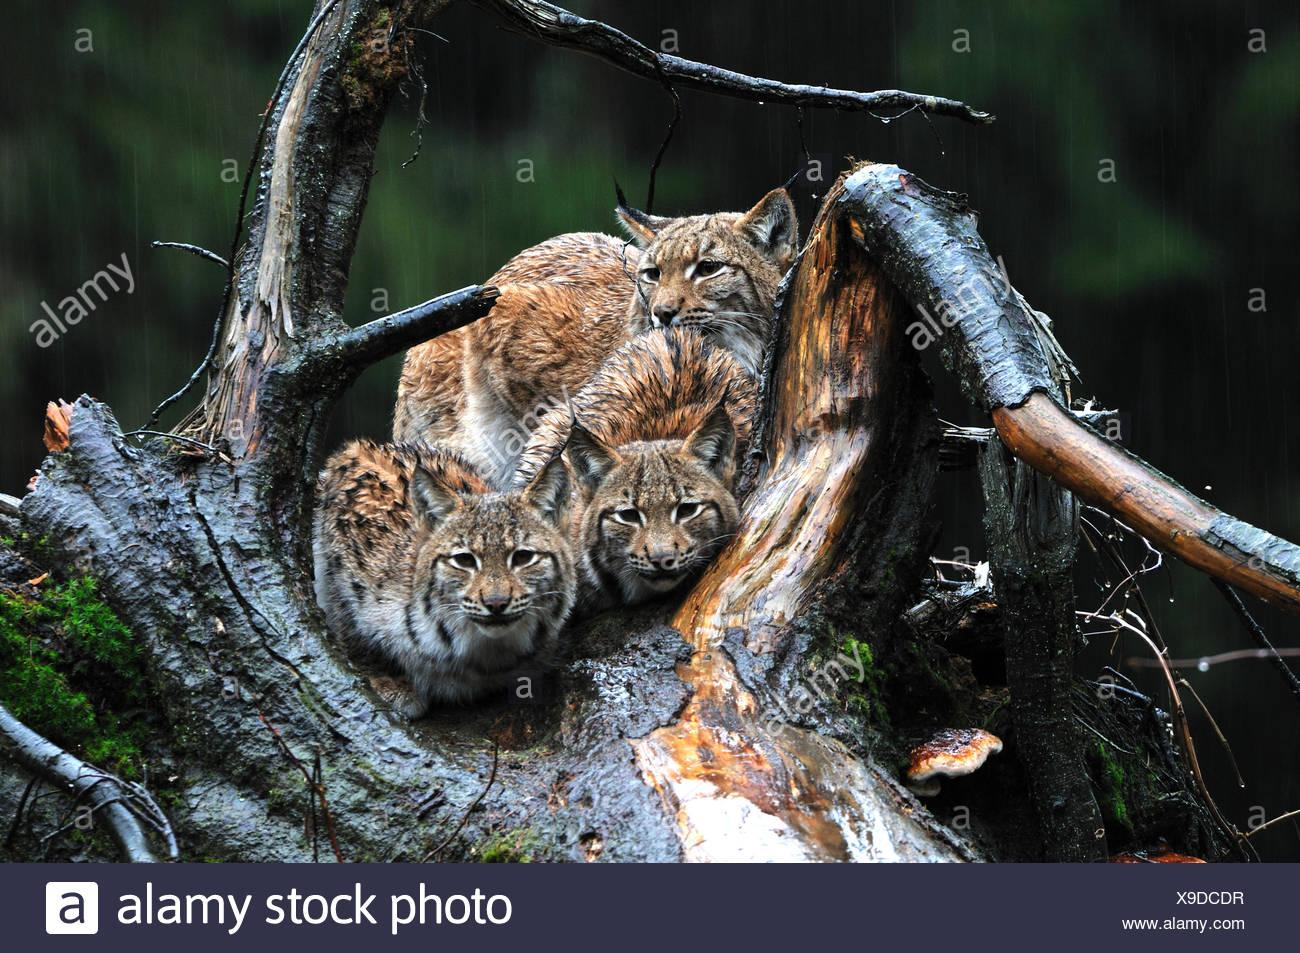 Big cat cat Lynx wildcat chats prédateurs félins des lynx d'animaux à fourrure hiver hiver neige lynx Lynx lynx lynx boréal' Photo Stock